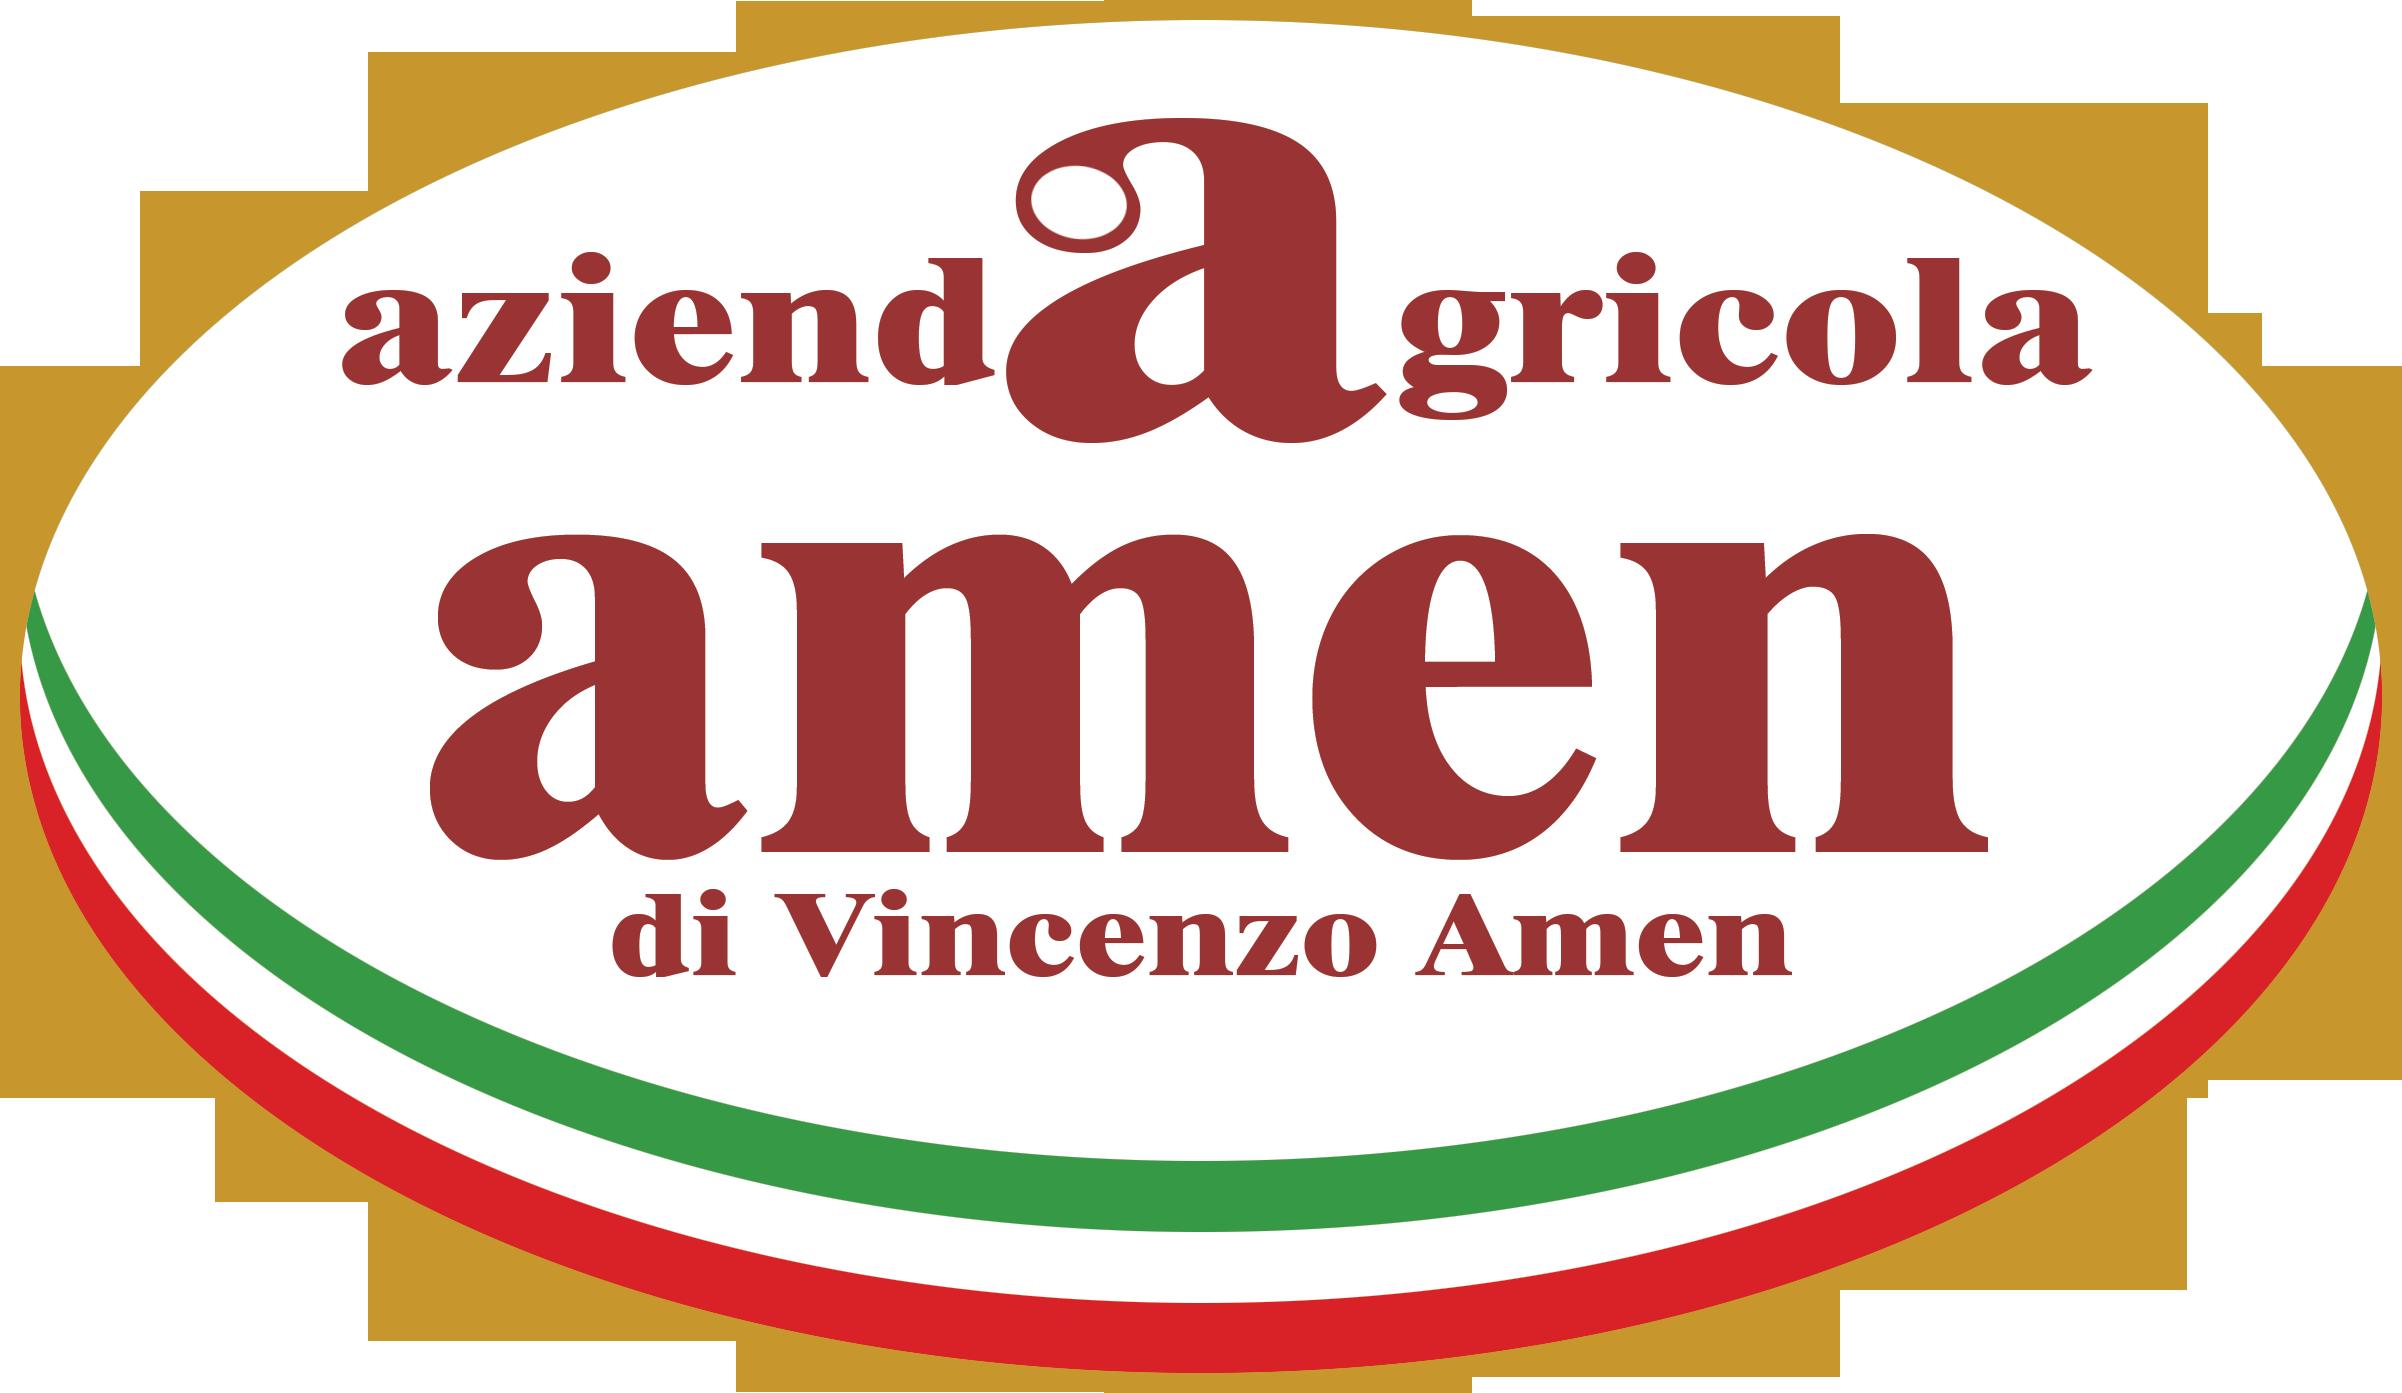 Azienda Agricola Amen Vincenzo